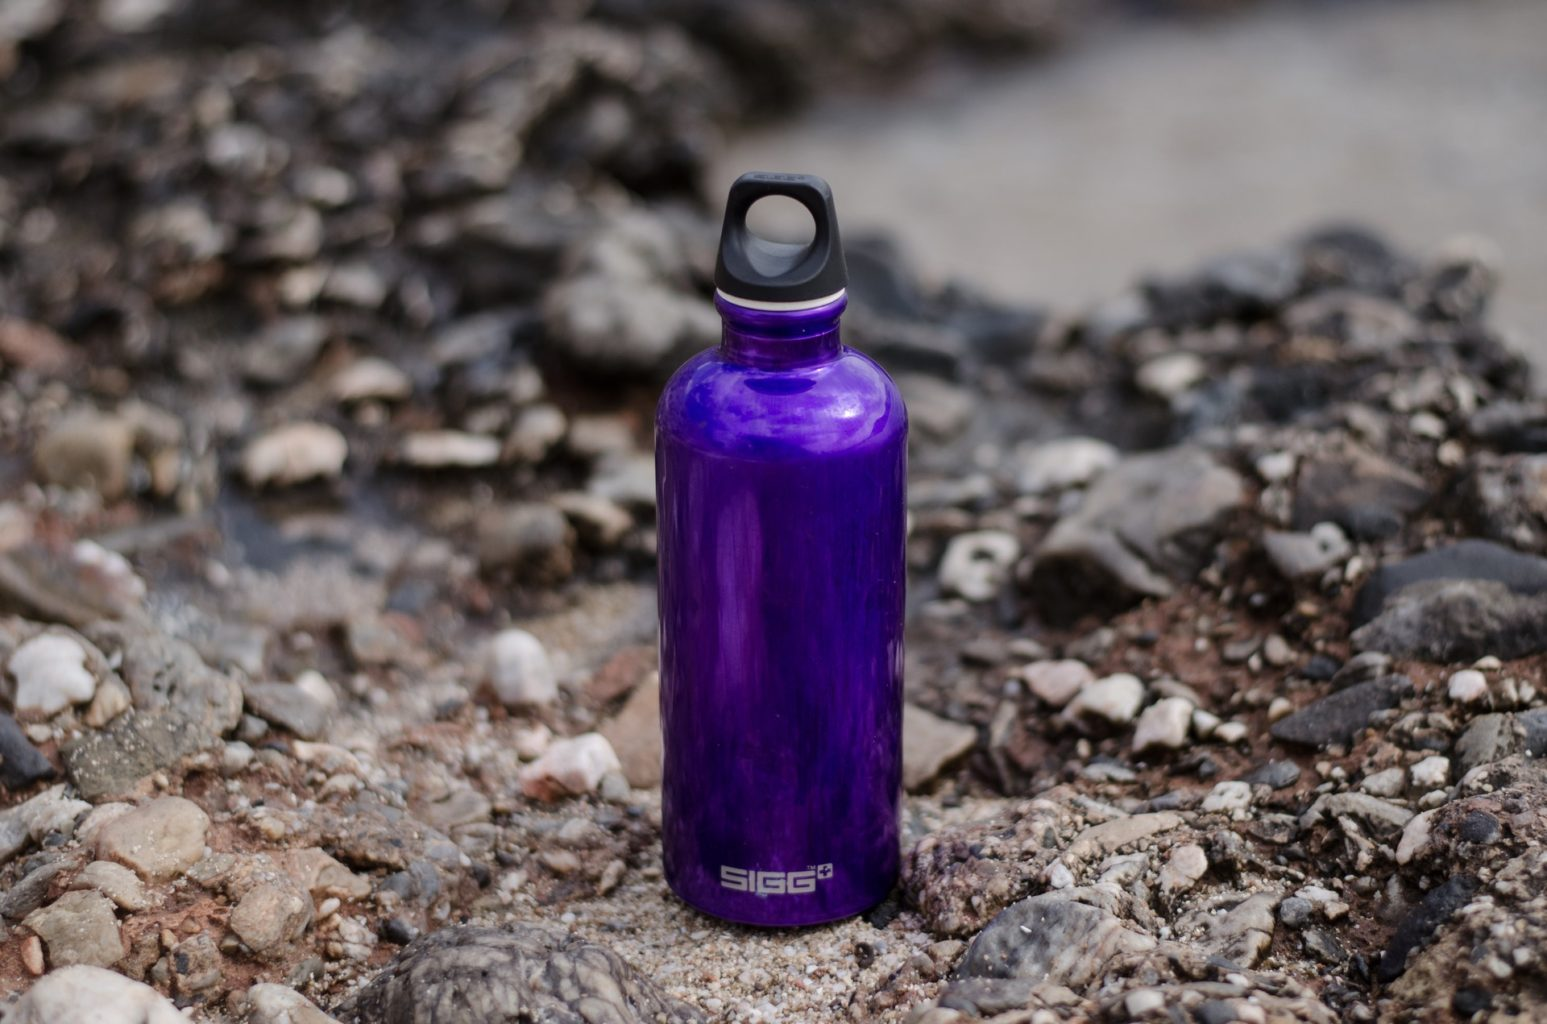 Пей красиво: 7 надежных и стильных бутылок для тренировок